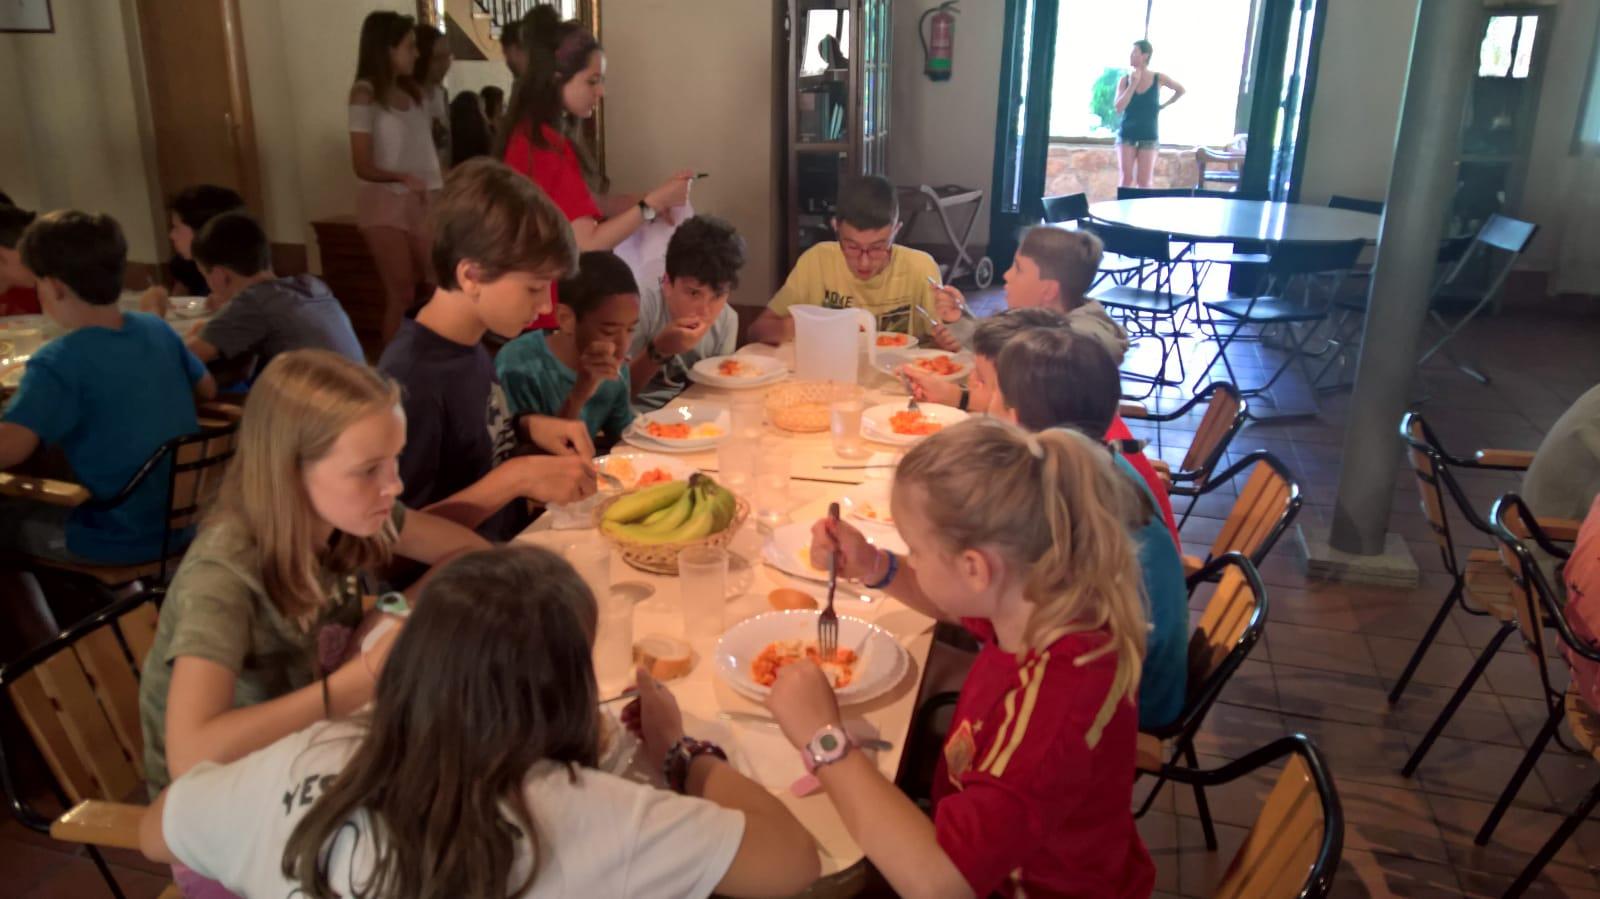 Campamento de verano en tiendas de campaña en madrid